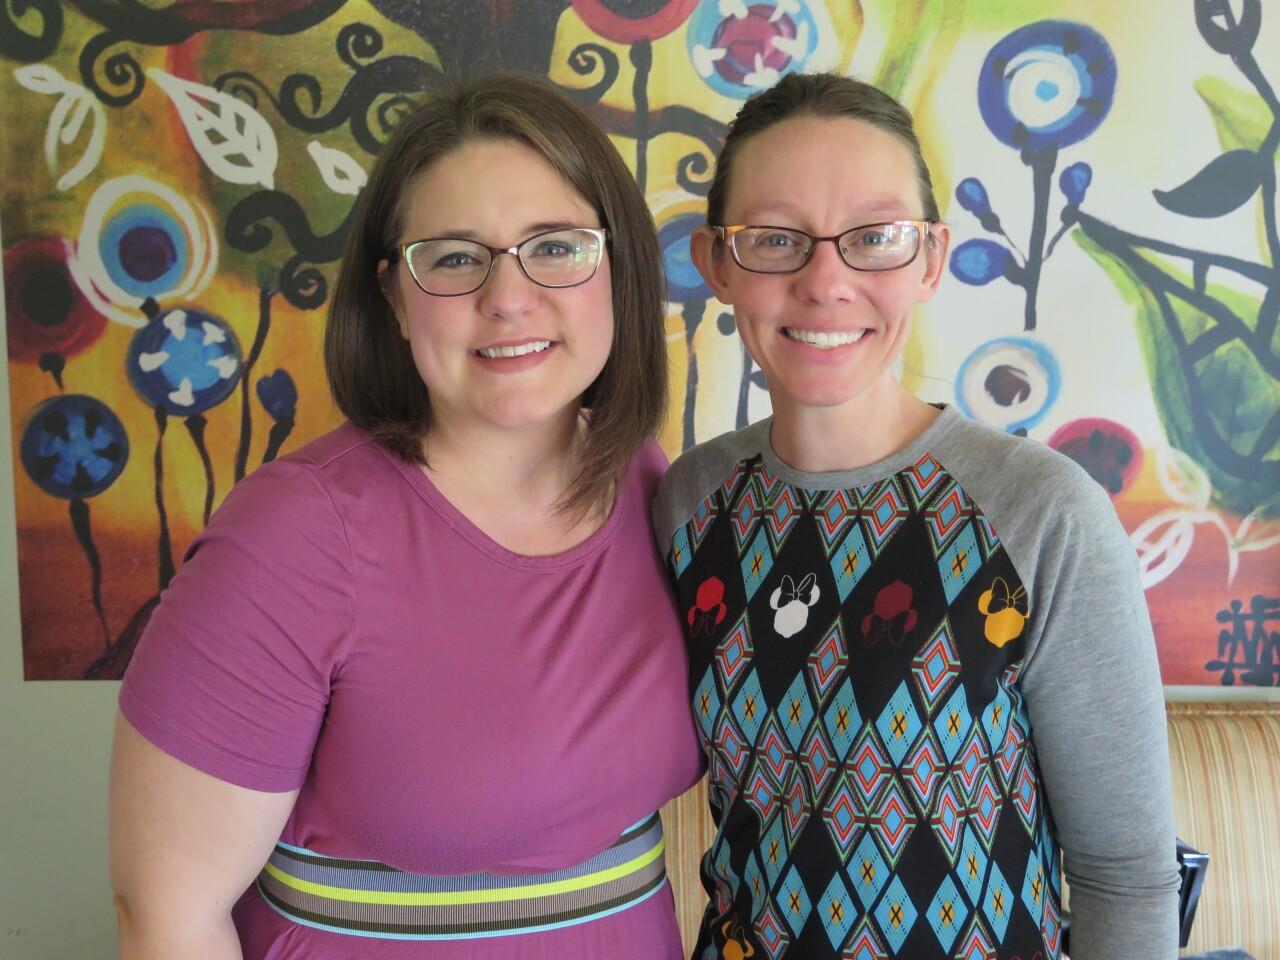 Anna_Hancock_and_Stephanie_Kyle.JPG